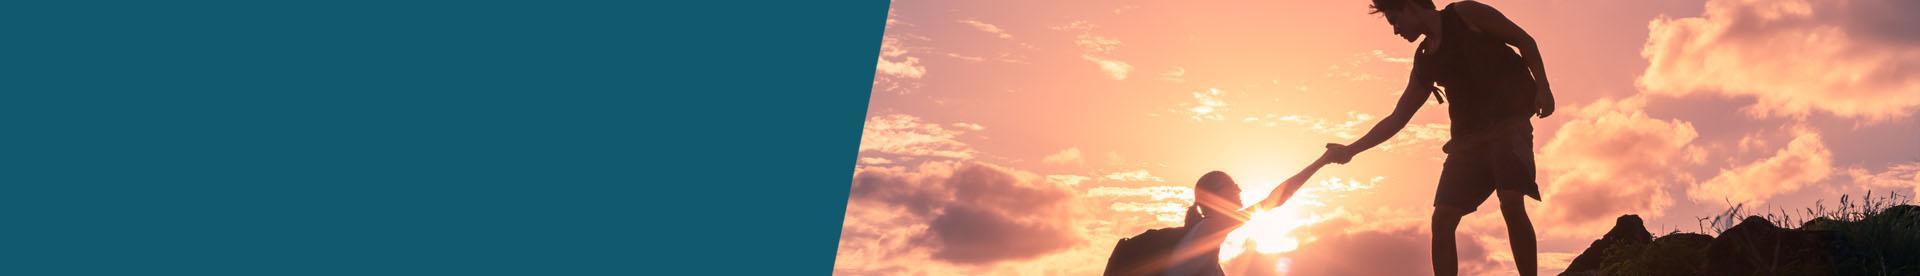 człowiek dźwigający świnkę skarbonkę - zachód słońca